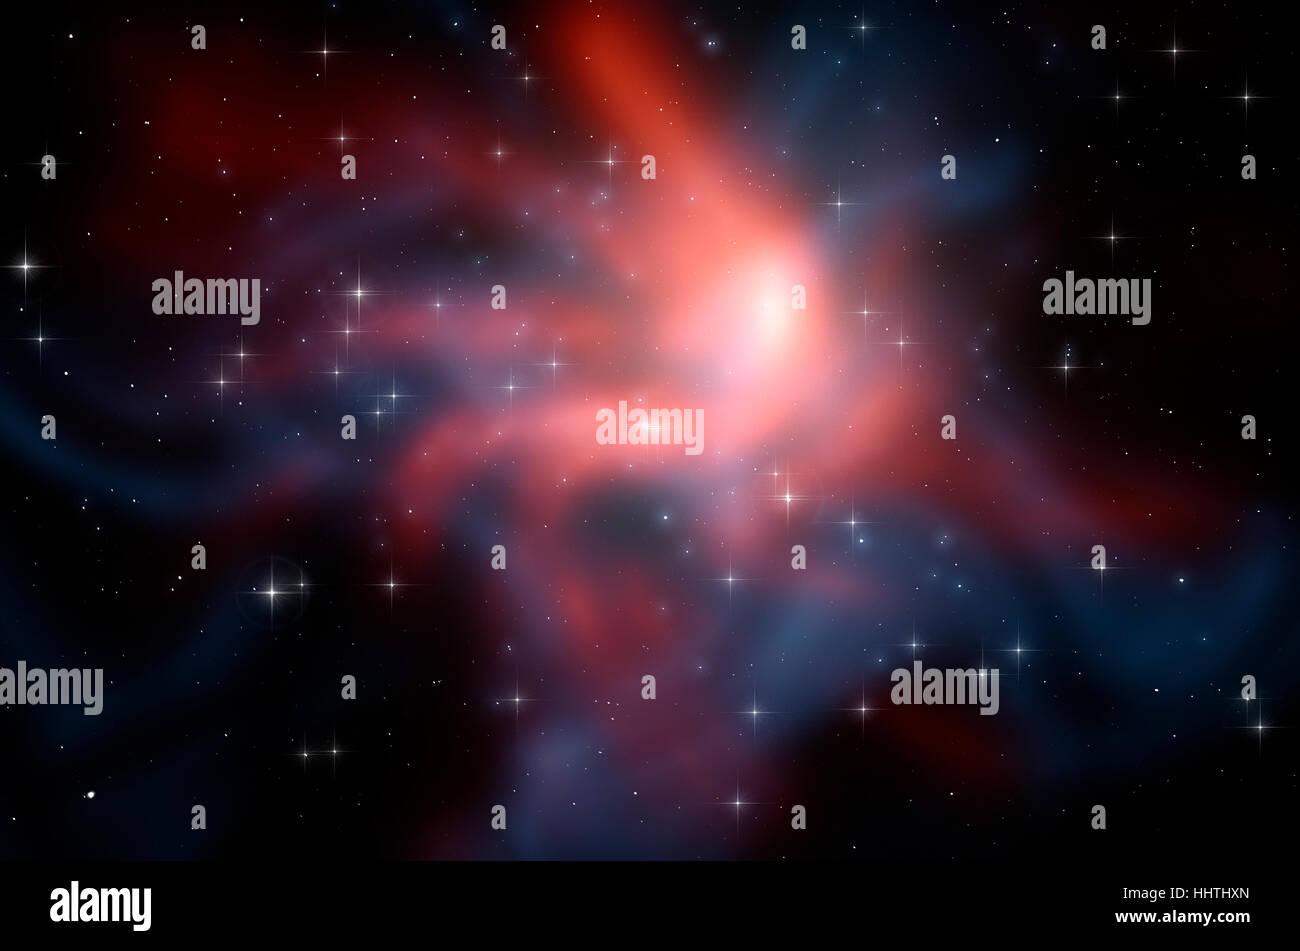 L'espace abstrait arrière-plan d'étoiles, nébuleuse, Galaxie dans ciel nocturne, l'astronomie Photo Stock